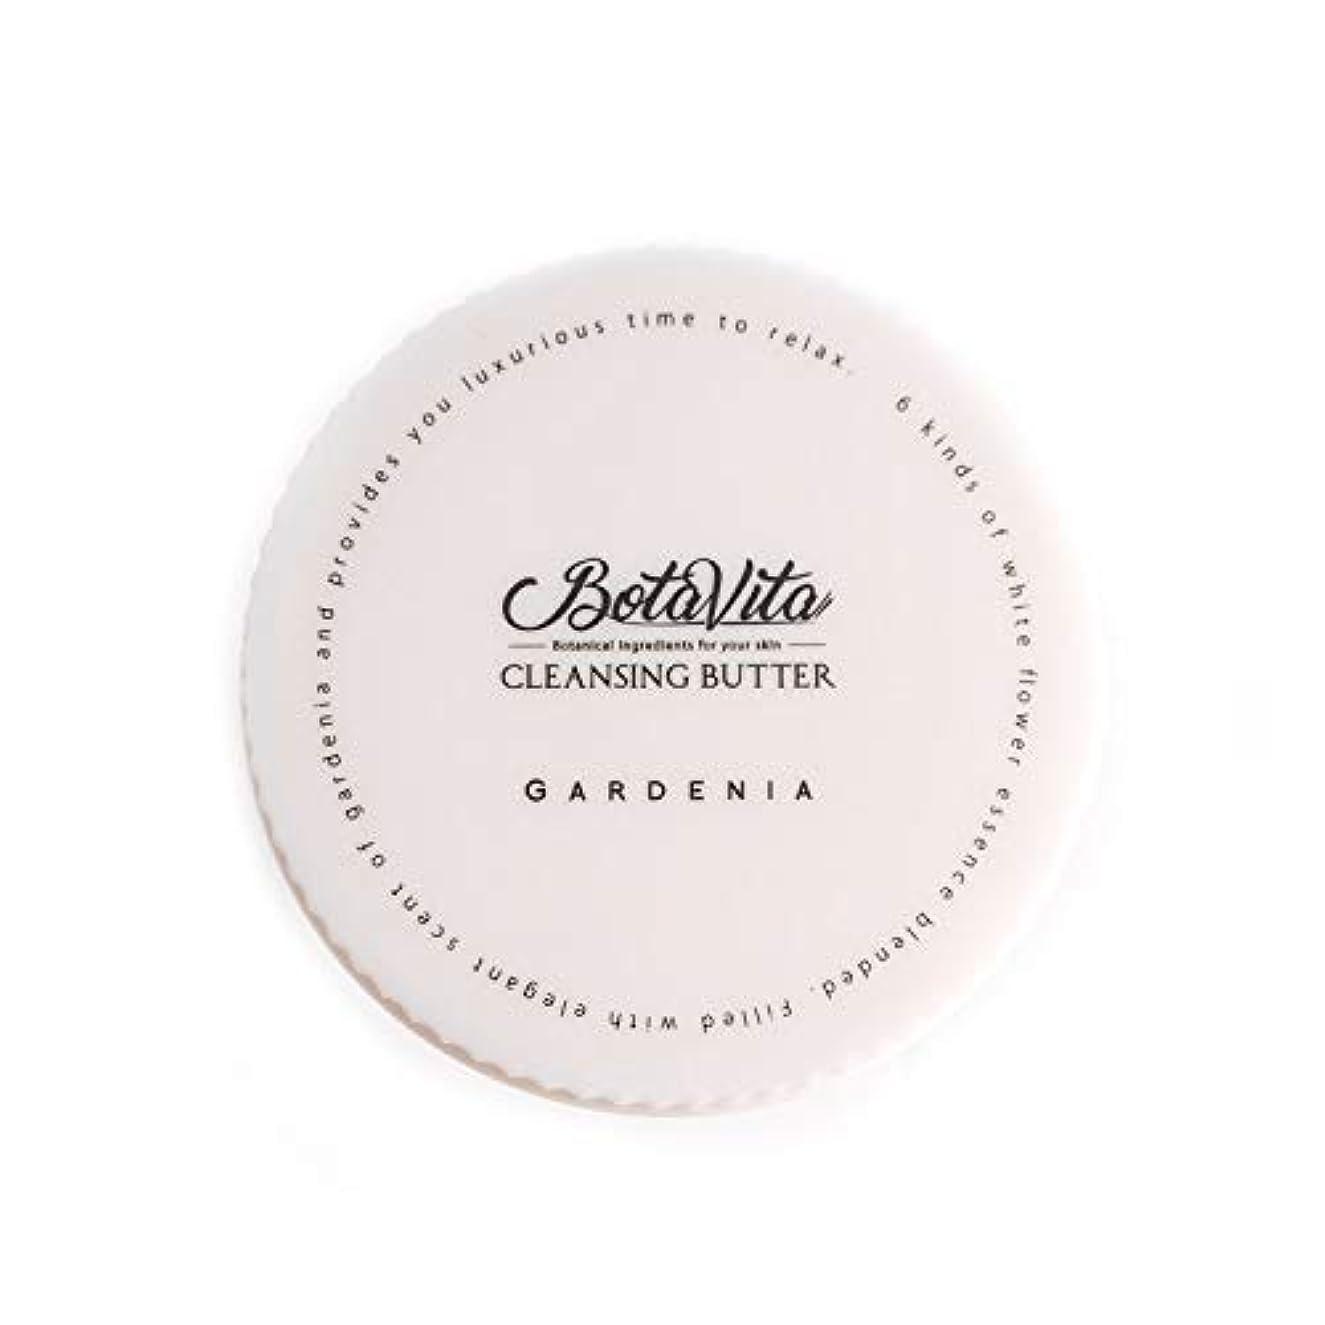 性的霧冷笑するBotaVita ボタヴィータ クレンジングバター <ガーデニア> 80g ダブル洗顔不要 マツエク対応 保湿ケア 毛穴汚れオフ